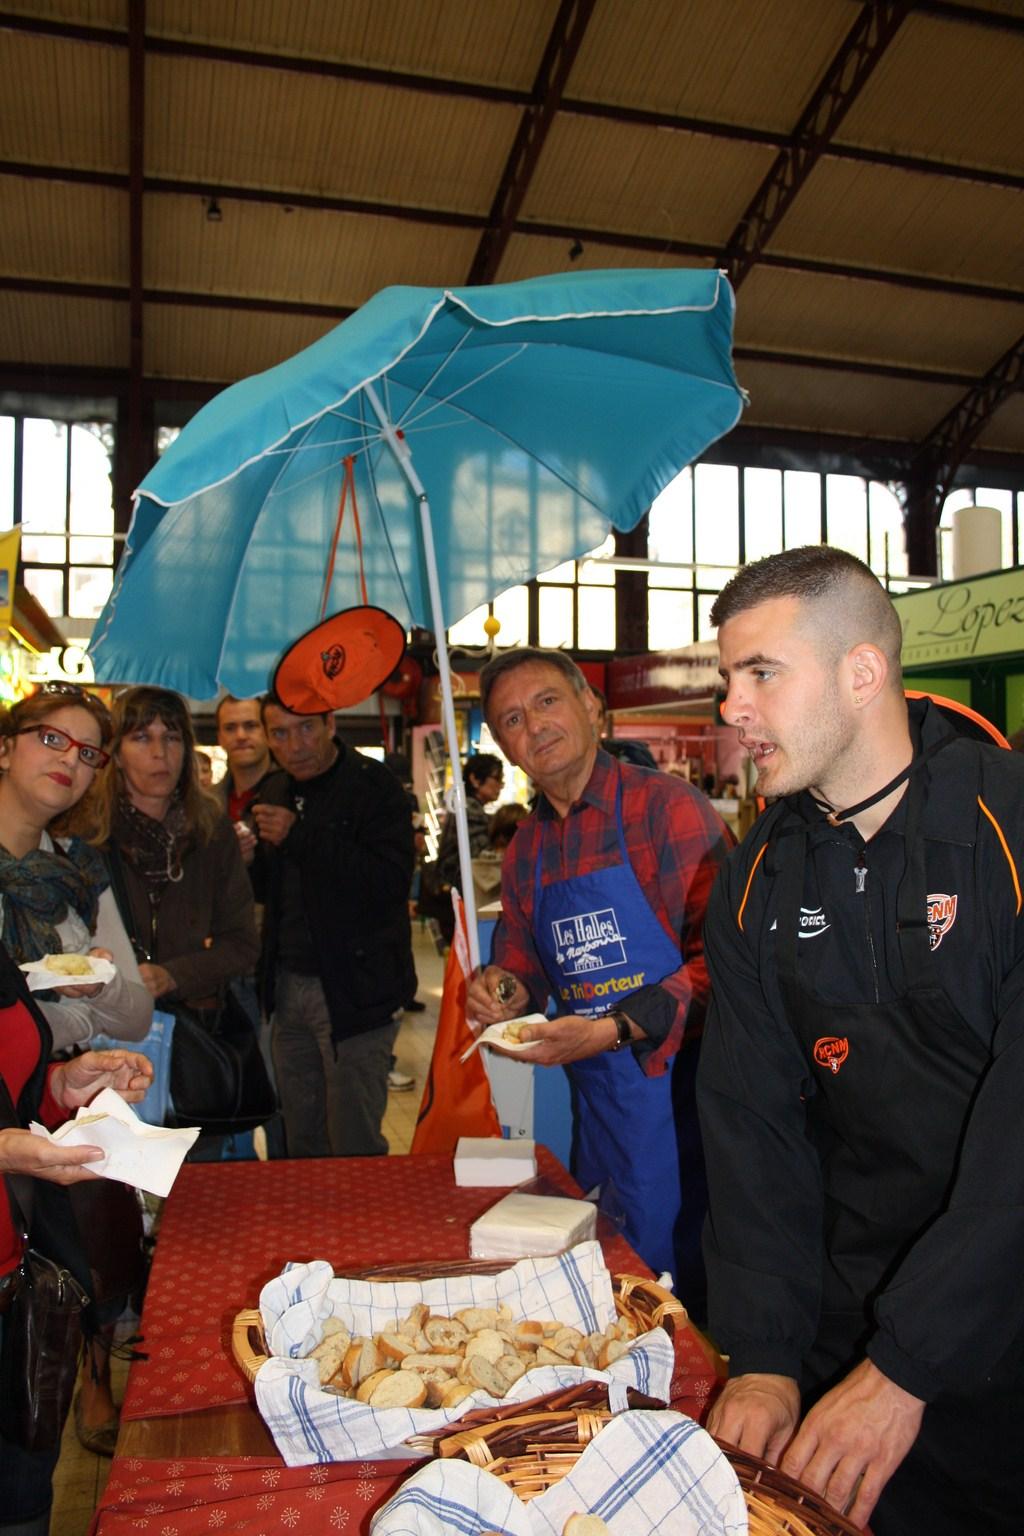 halles_narbonne_paques_omelette_jeanclaude_dreyfus_medaille_touristique_triporteur_rcnm_tignous_pinpin_cocotte_2012-11